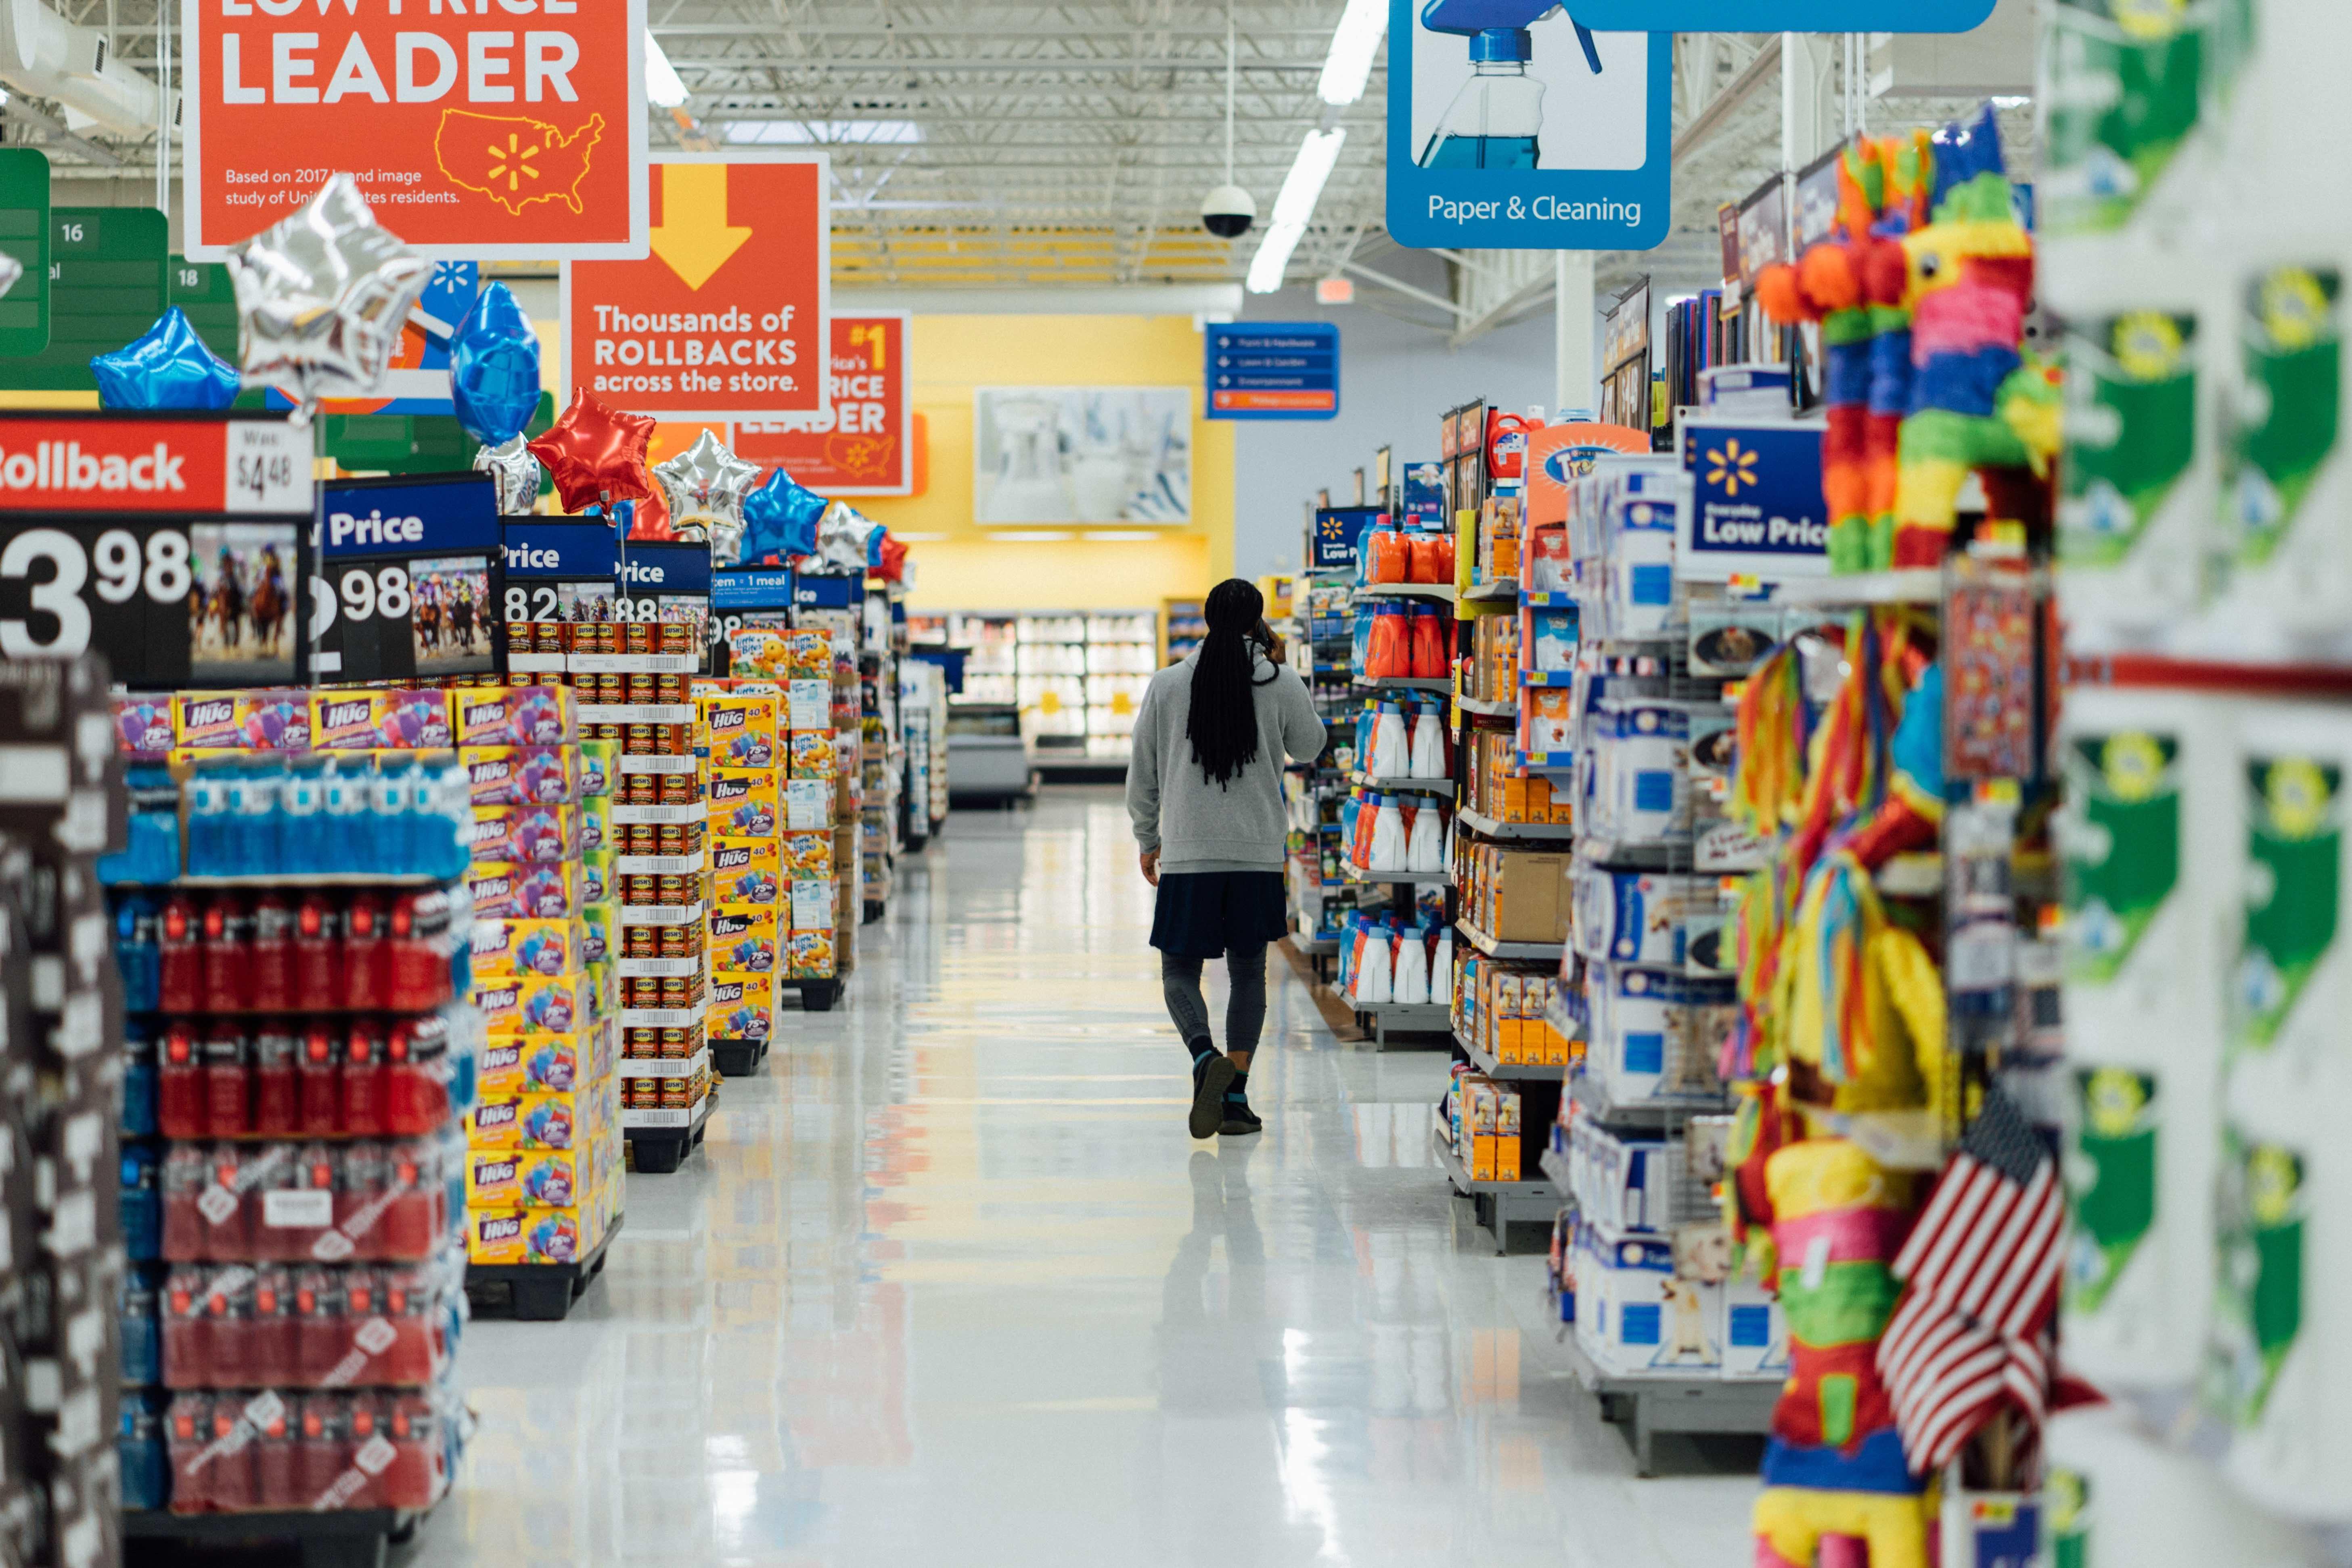 Supermarkt Ahold Delhaize